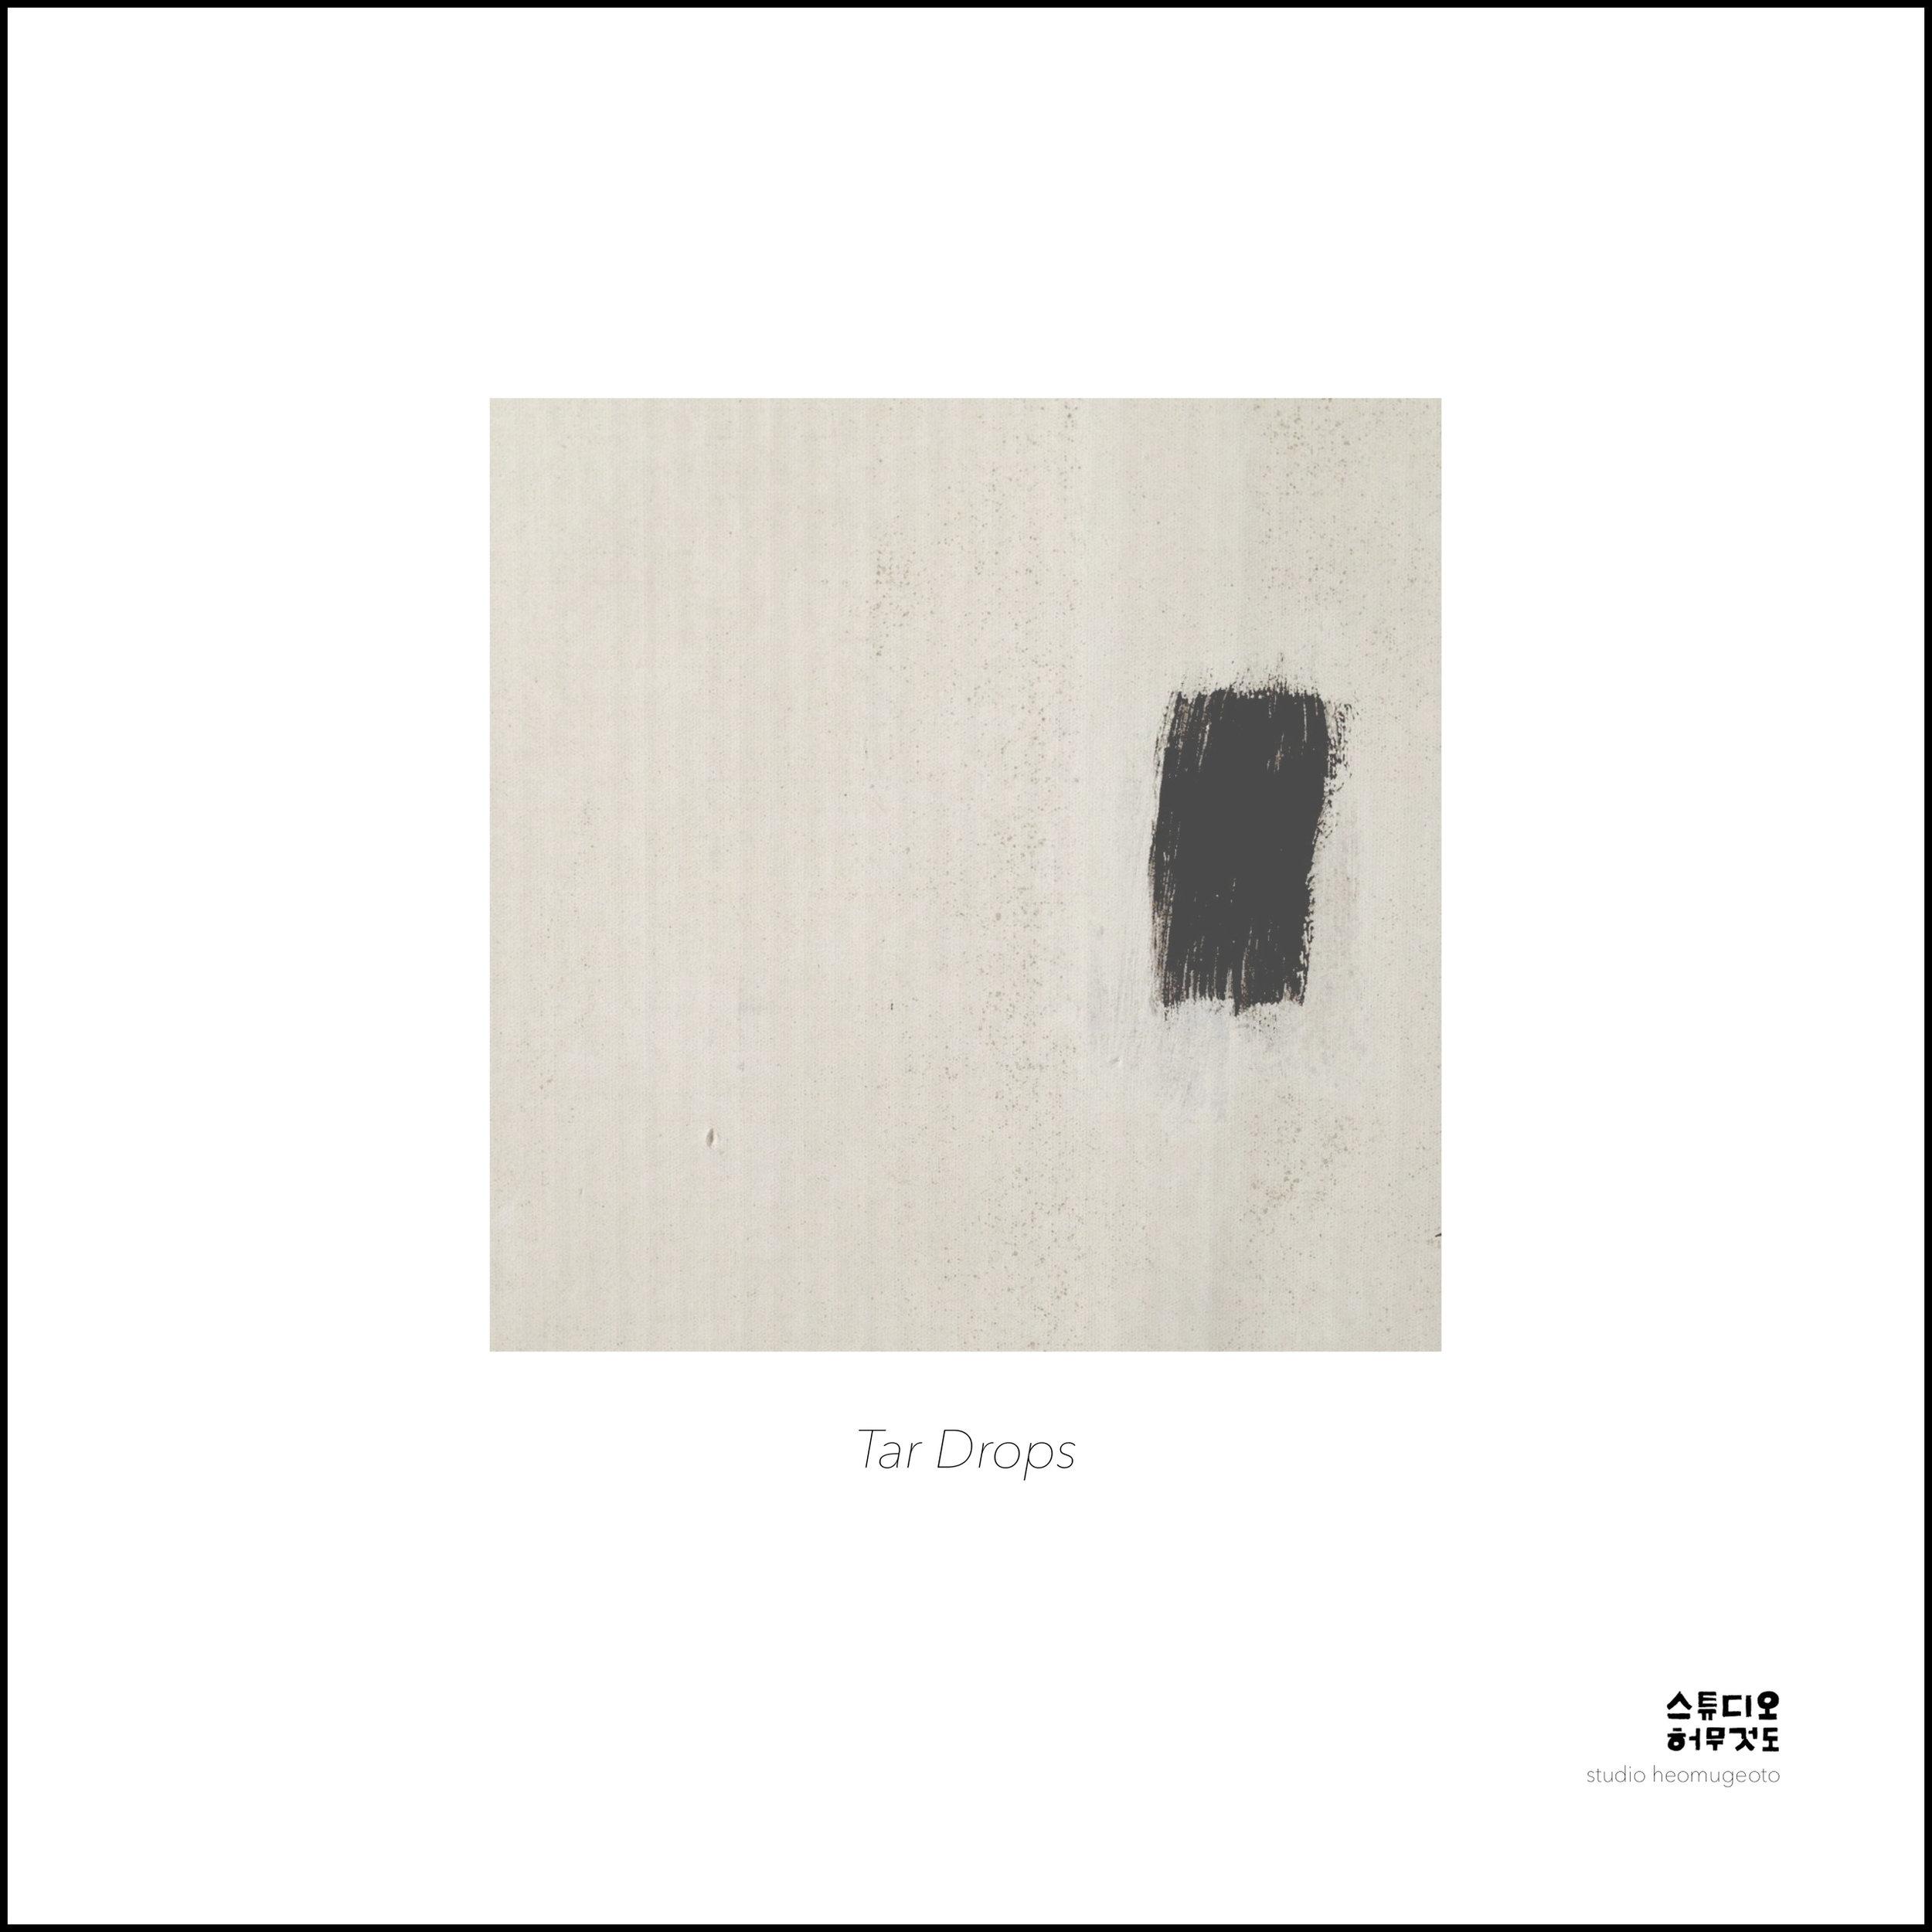 Tar Drops - 2017